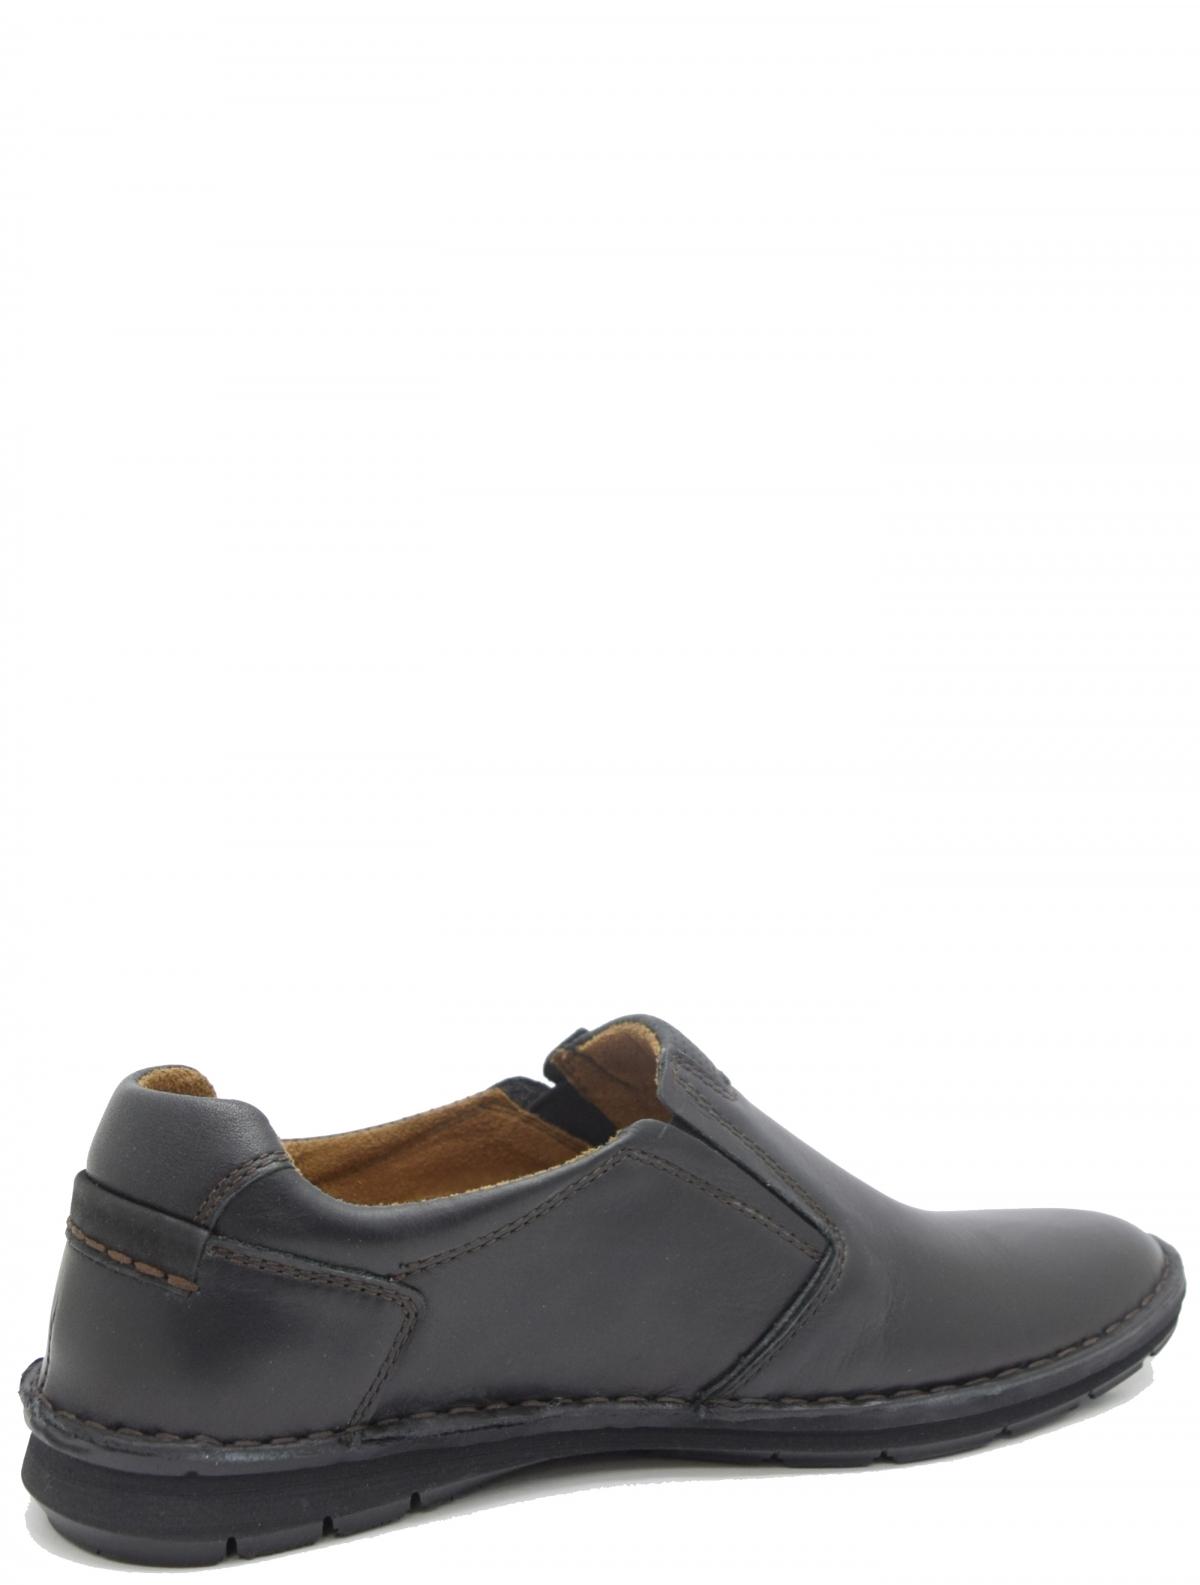 BastoM A52 мужские туфли